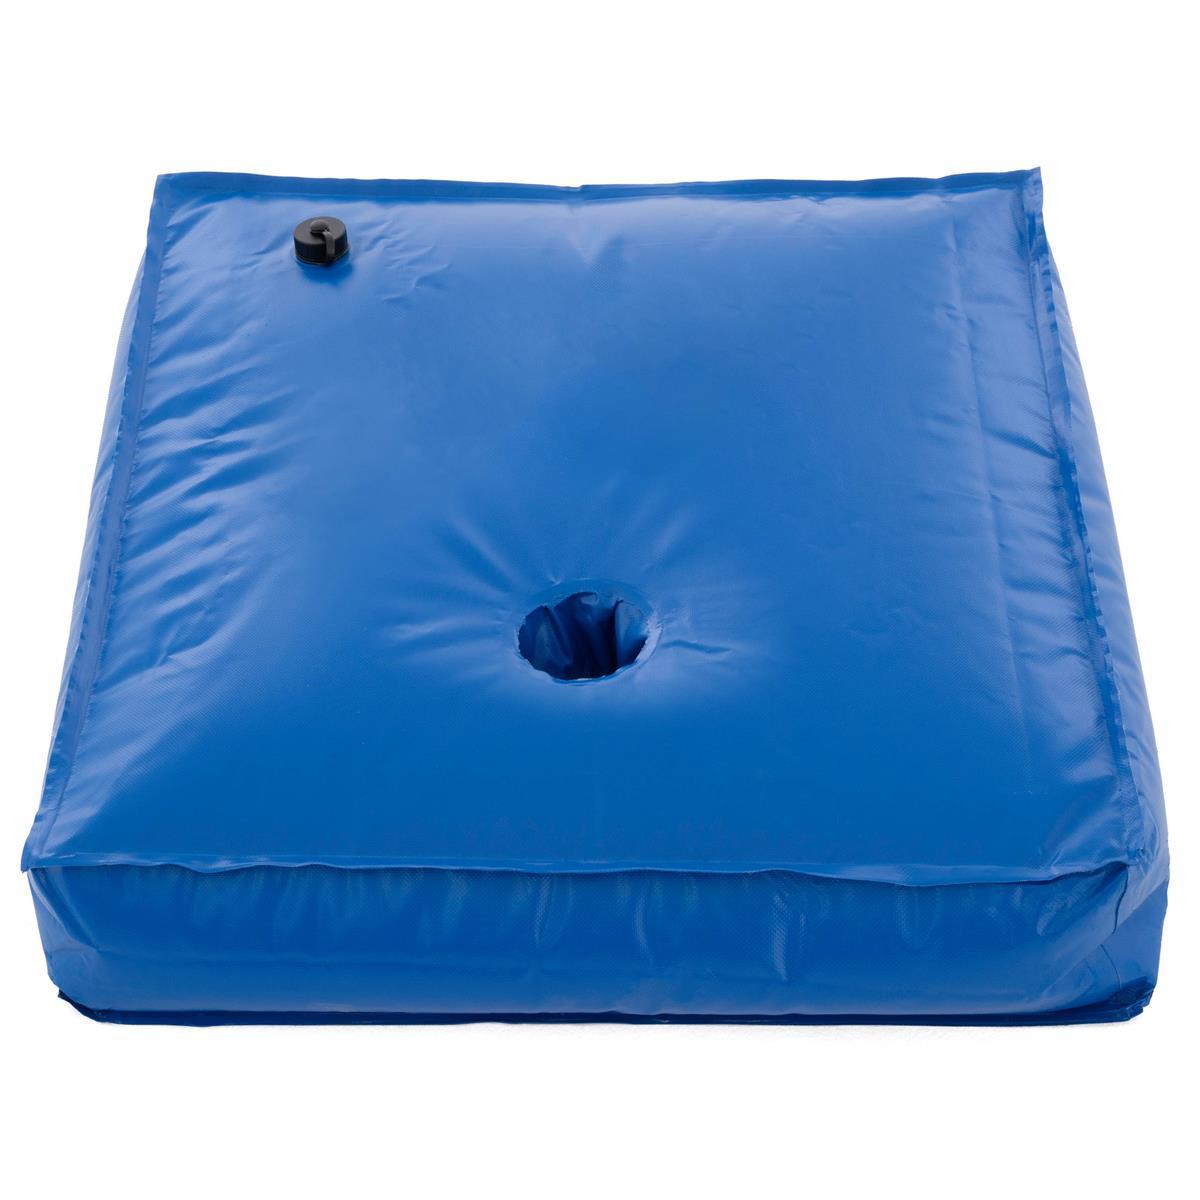 Gewicht für Ampelschirm mit Wasser befüllbar 78 Liter blau eckig 75x75cm